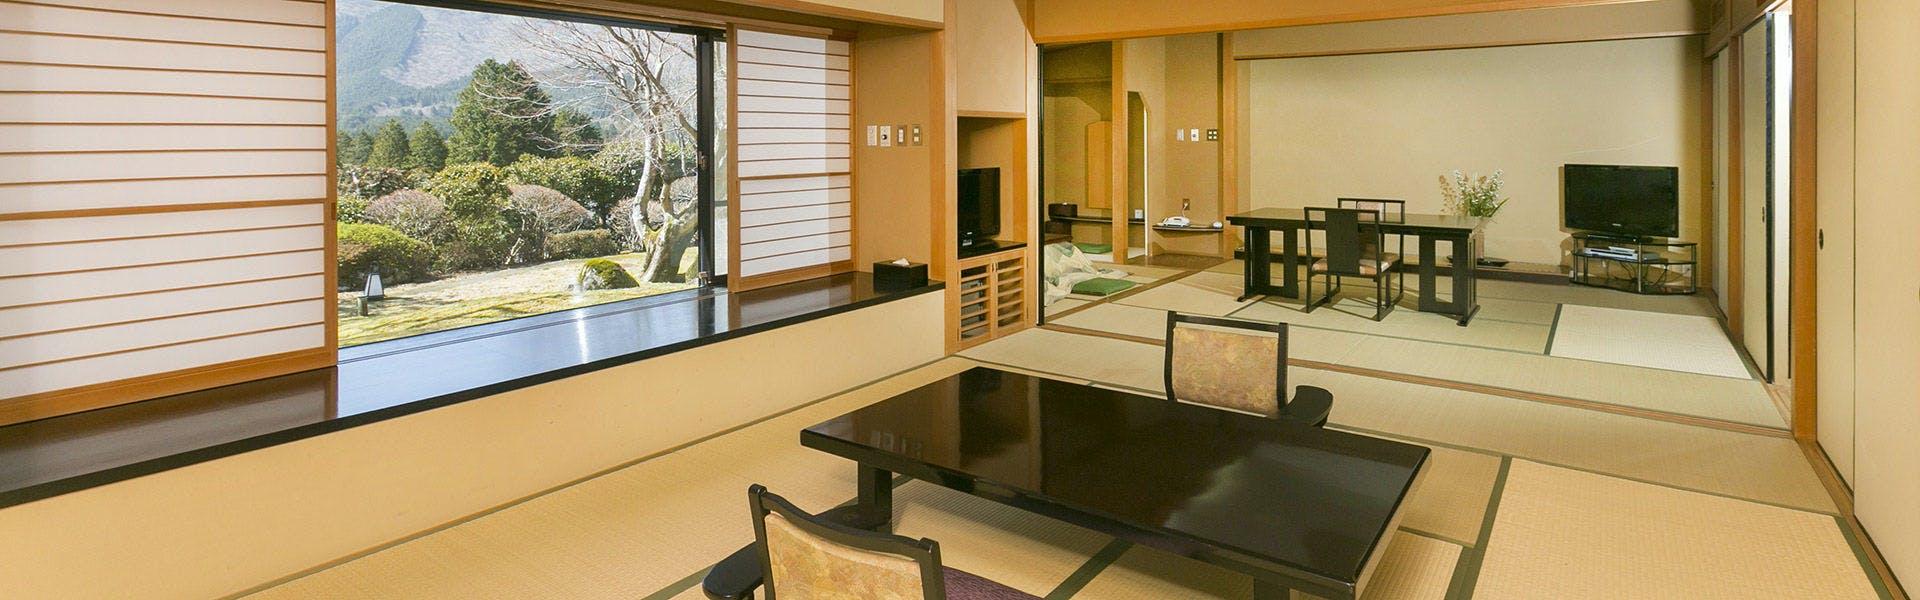 記念日におすすめのホテル・料亭旅館 いちい亭の写真3